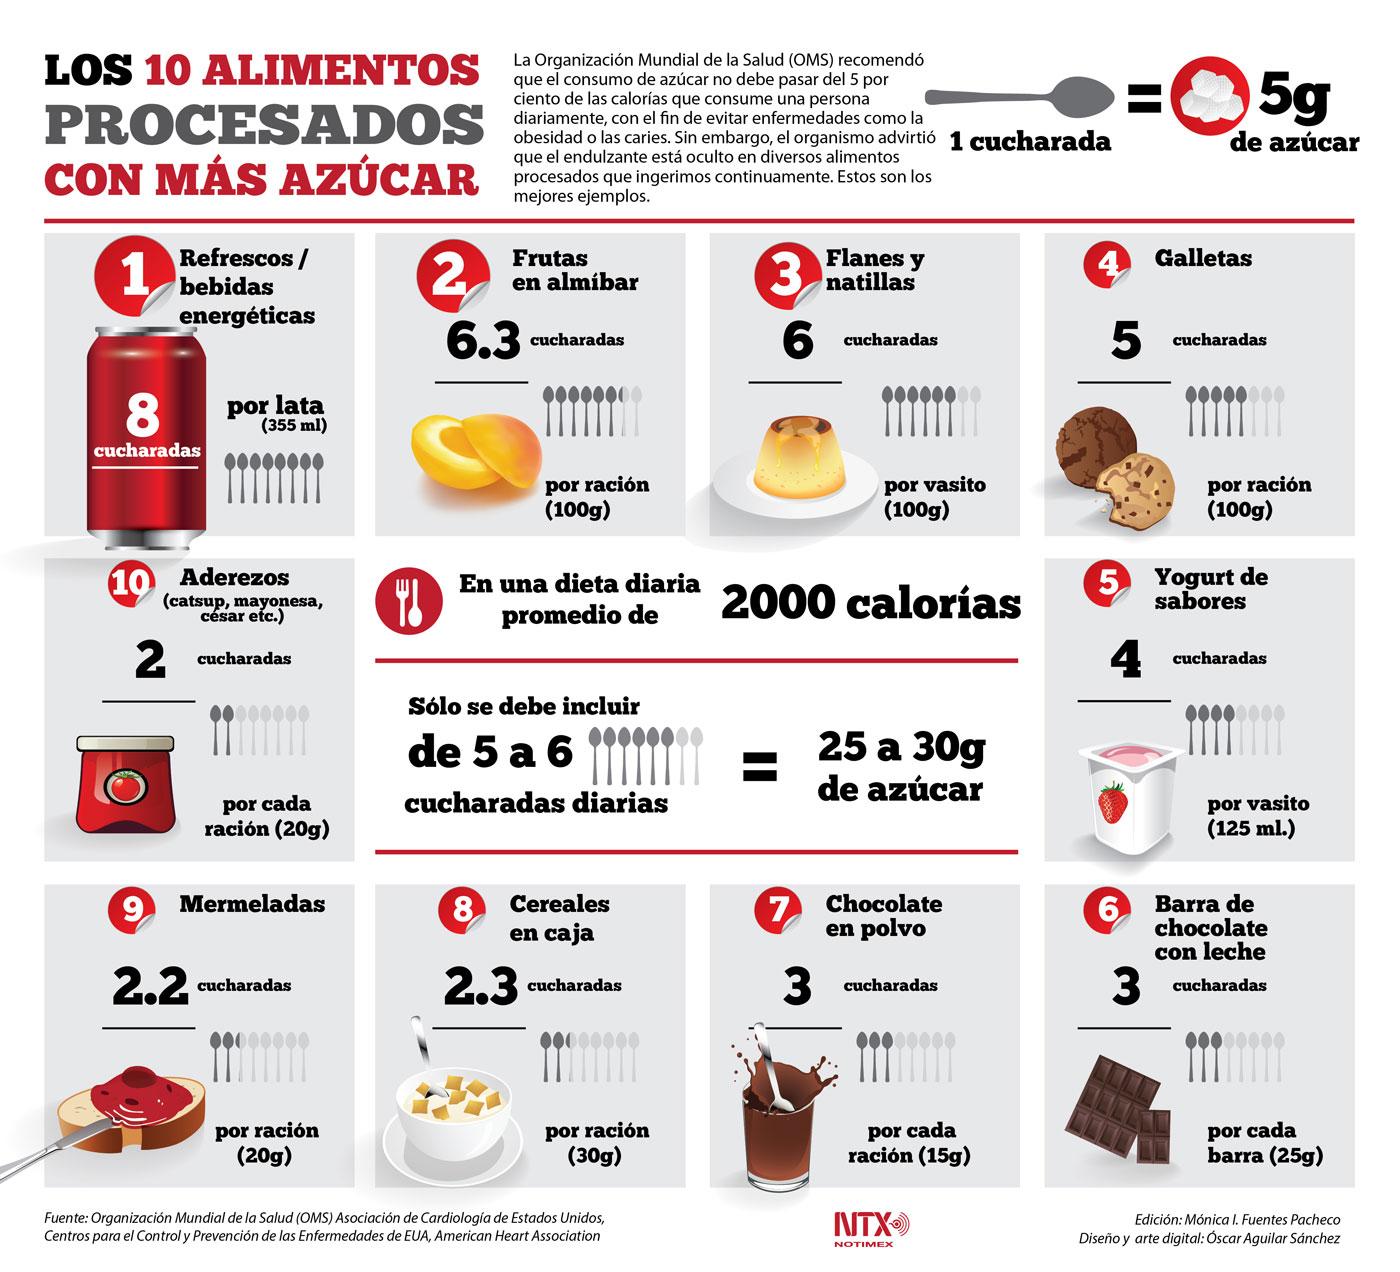 alimentos procesados que contienen más azúcar